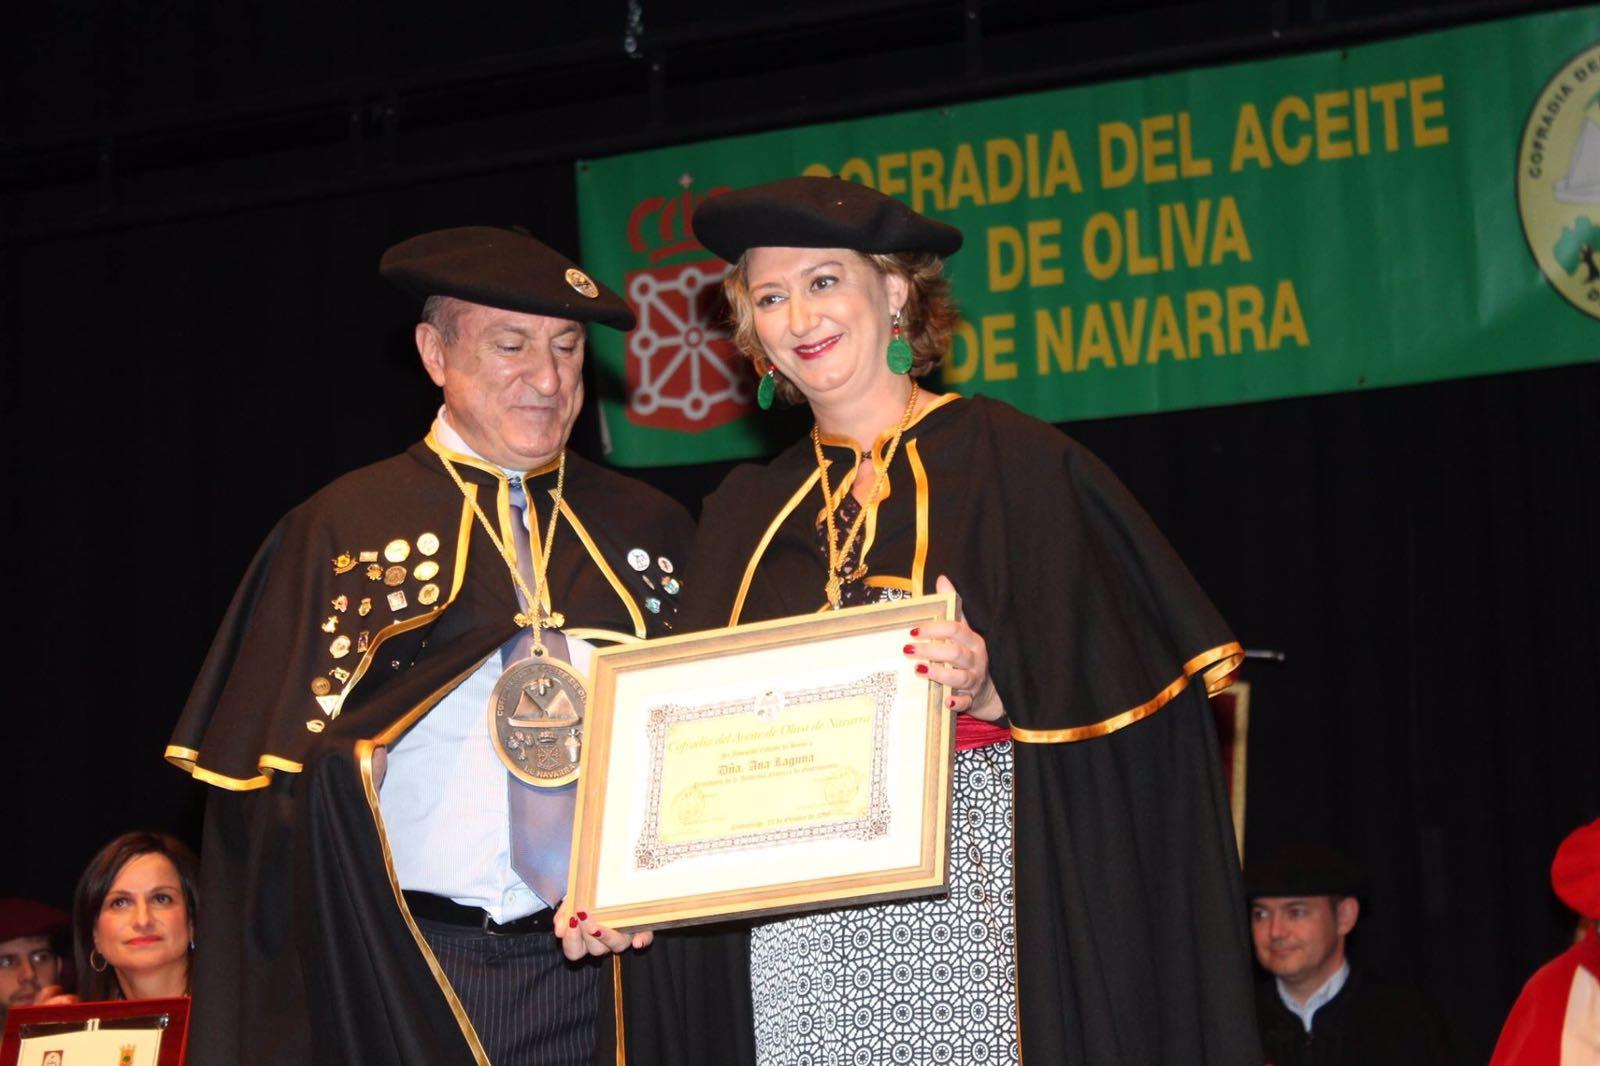 Ana Laguna, nueva embajadora del aceite navarro